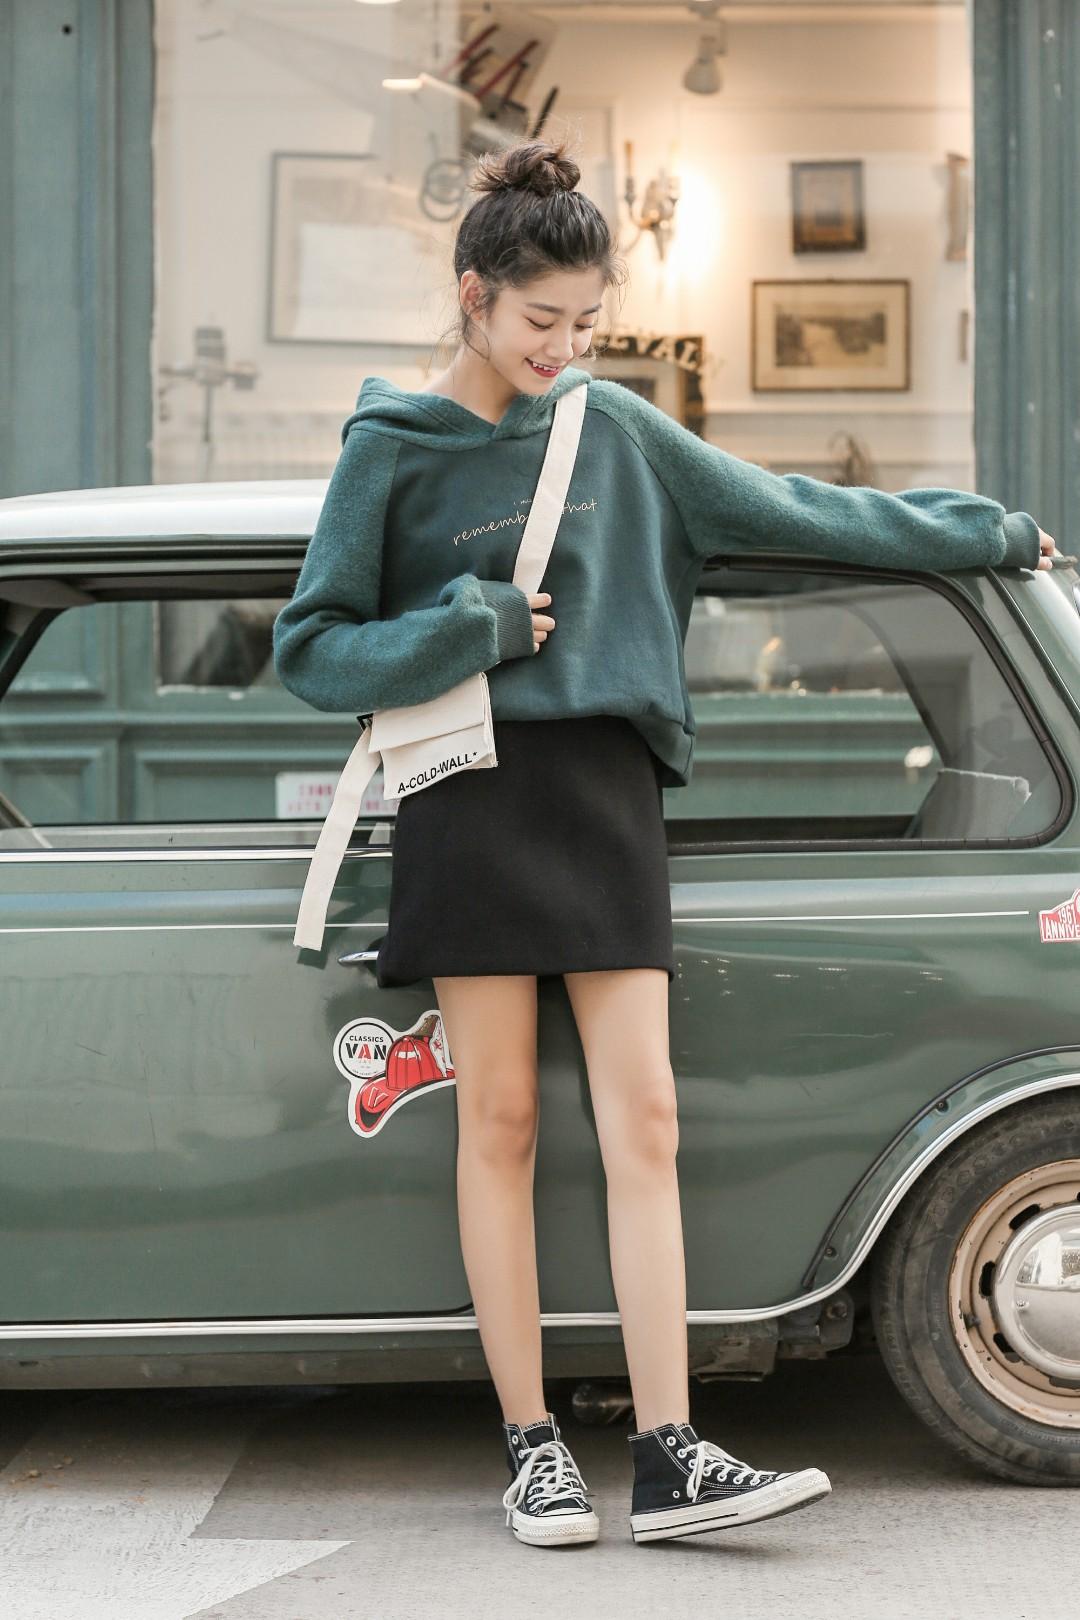 巨显高的短款卫衣给你种草✌ 小个子MM也可以hold住的一款💕 拼接插肩袖减弱肩线感一点也不显壮哦。 这个绿色也很别致,简单搭一条半裙显高又吸睛✨很减龄的一套穿搭造型哦#快时尚年终促销,做你的私人代购#